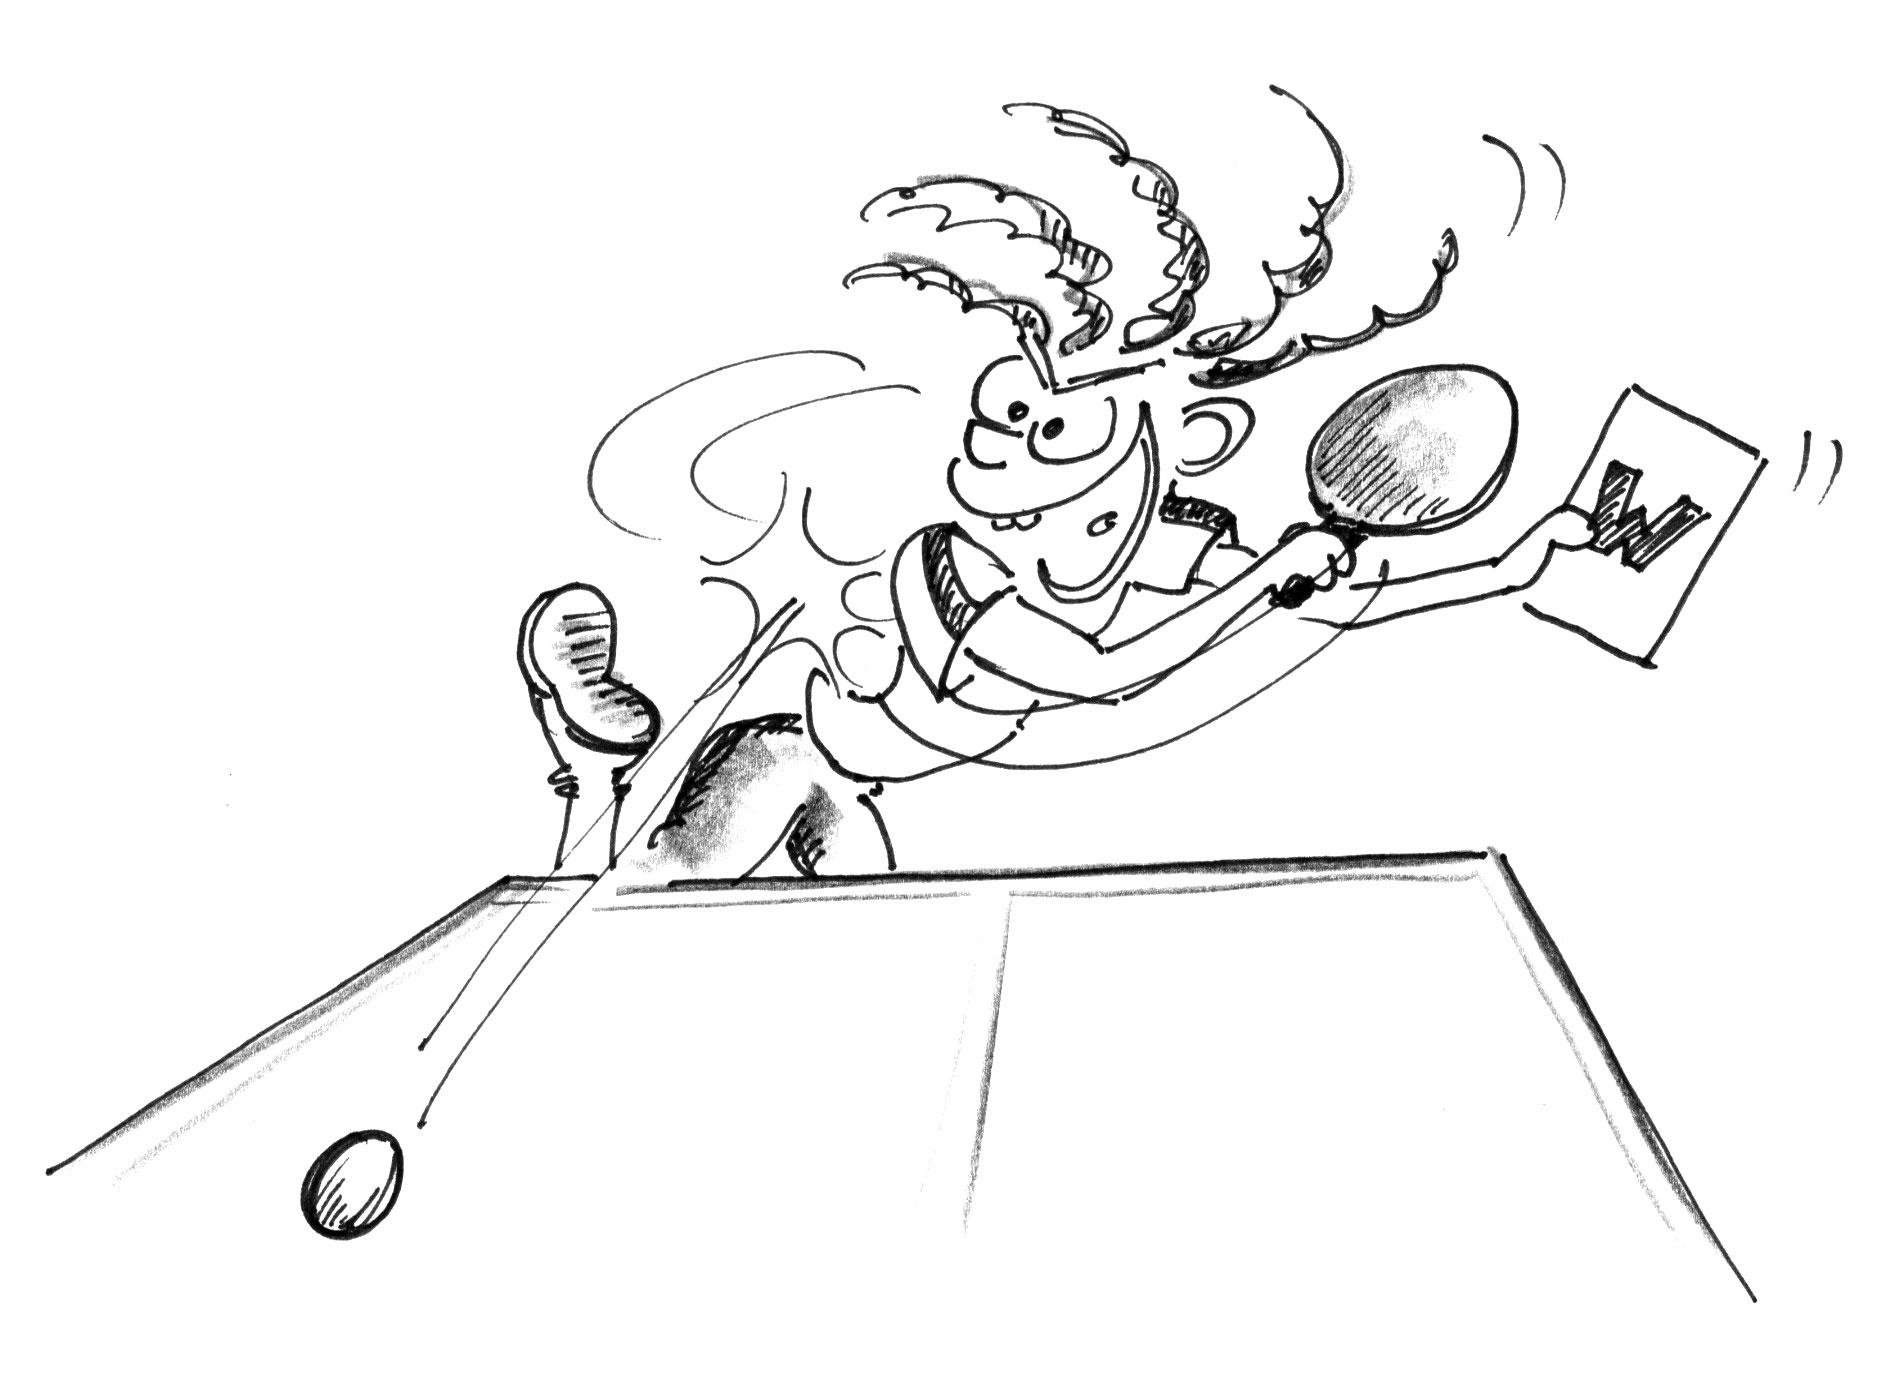 Jeux de renvoi avec enfants jeux d introduction ttx - Dessin tennis de table ...